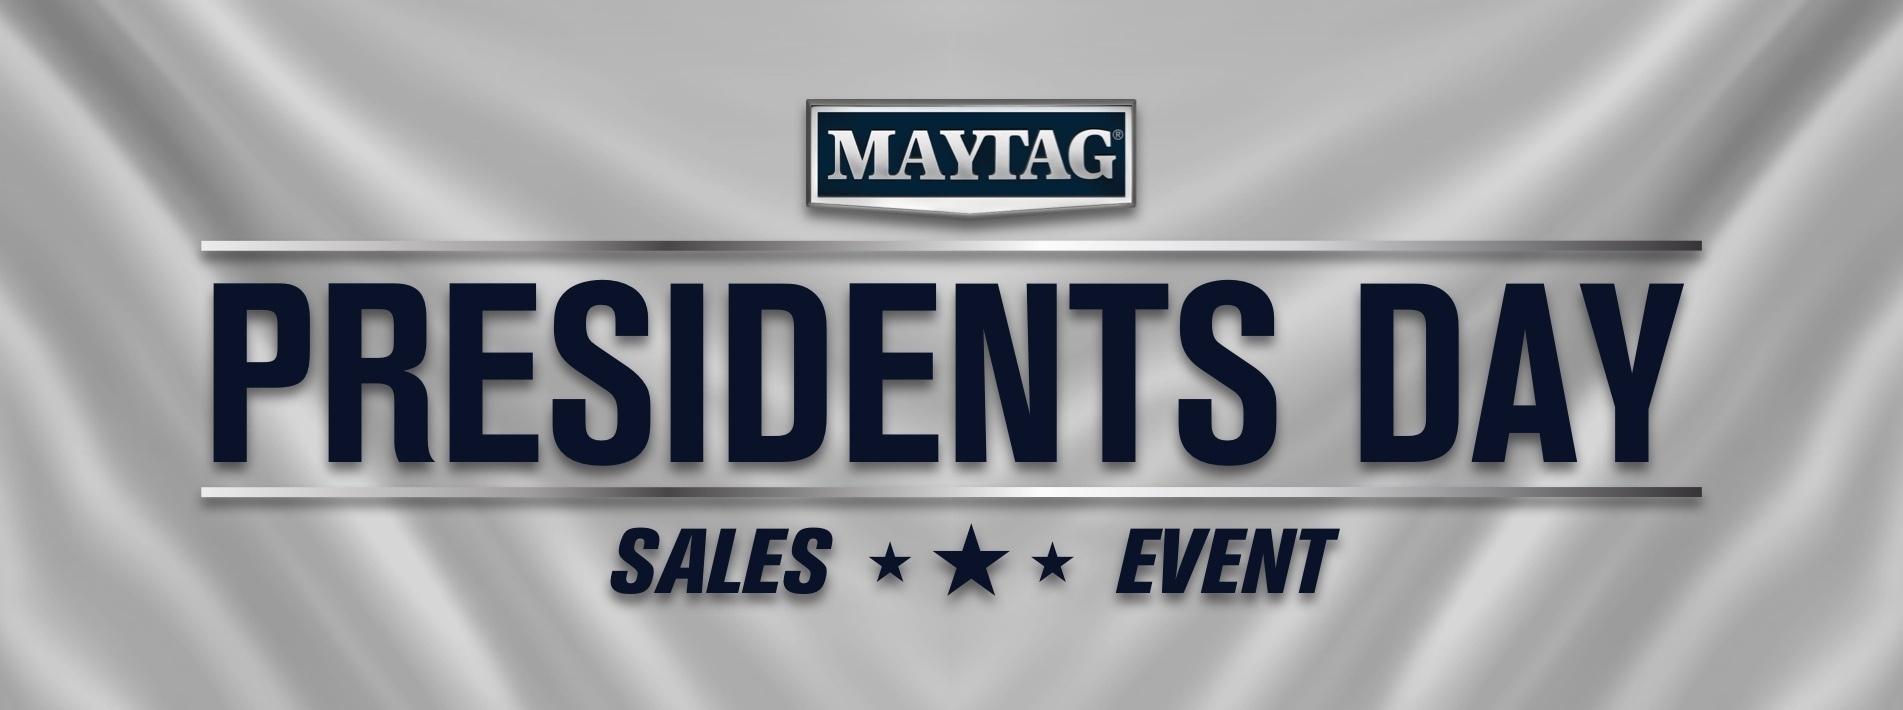 Maytag-Presidents-Day-2021